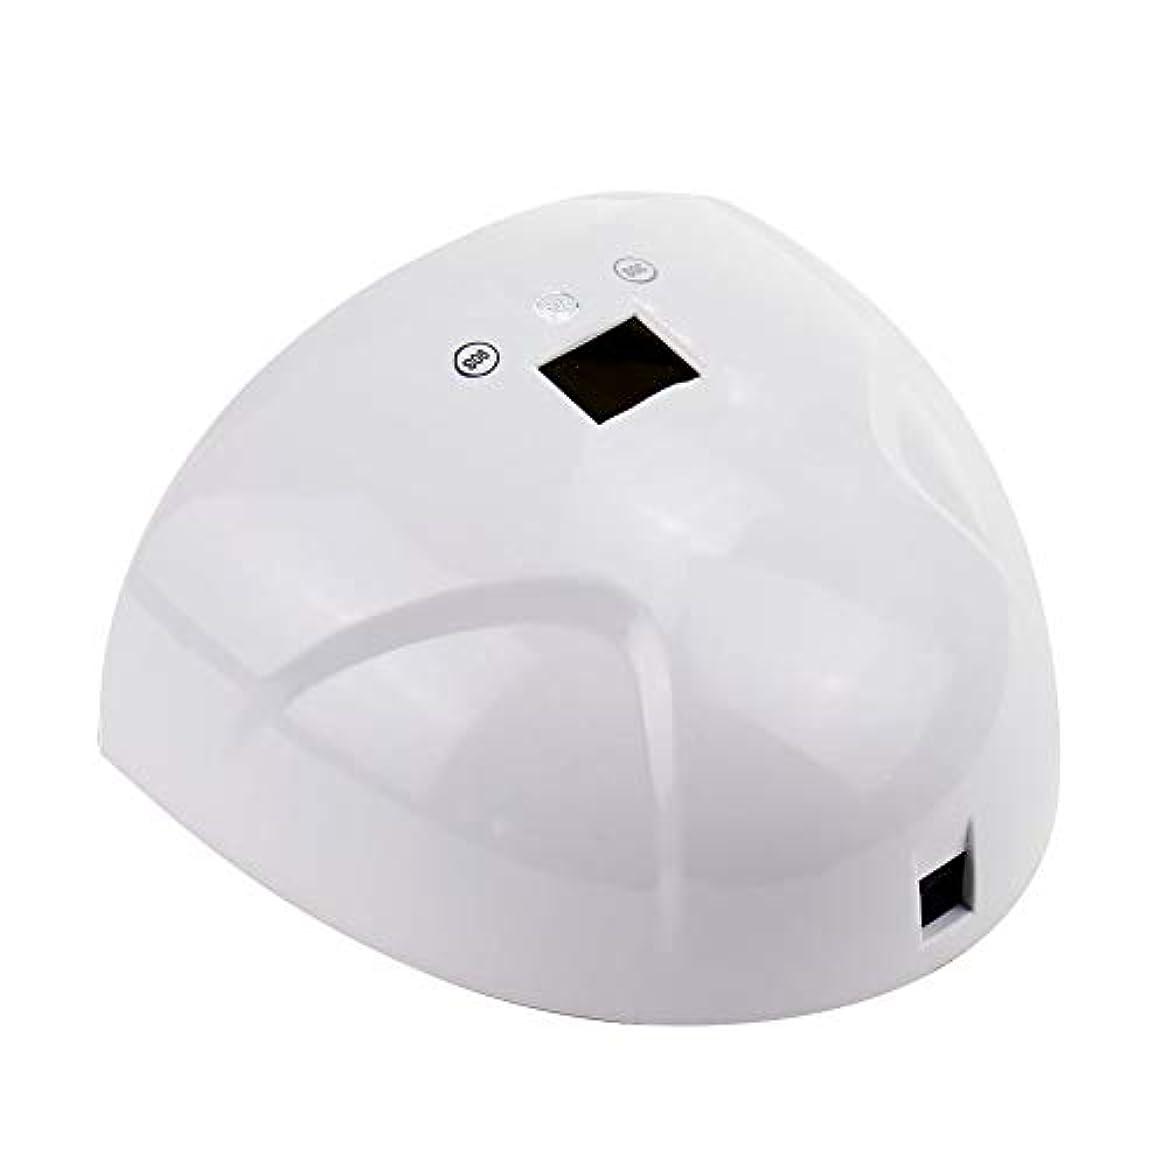 浴室チャンス魔術ネイルドライヤー - LEDマシン光線療法ネイルマシン36Wスマートデュアル光源ネイルベーキング高速乾燥機